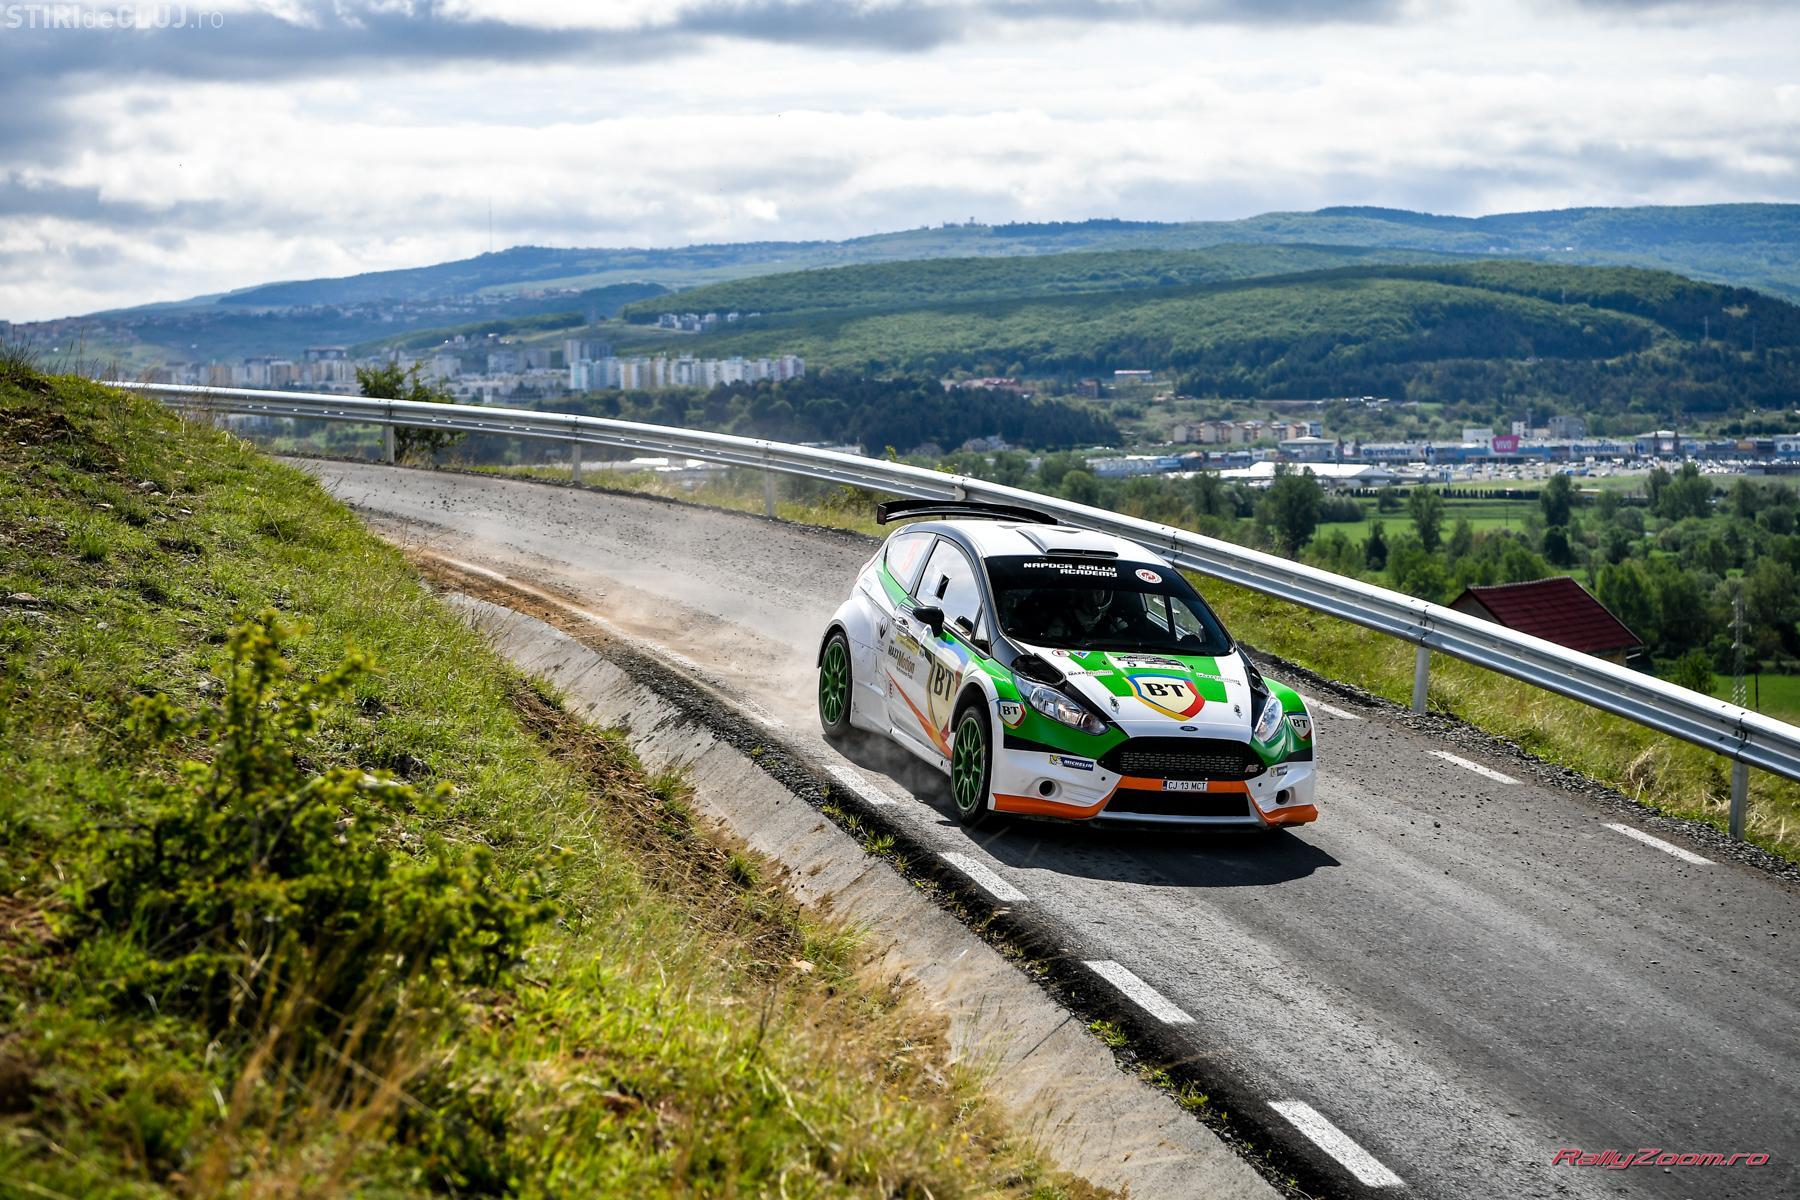 Campionul european Giandomenico Basso câștigă prima zi a BT Transilvania Rally